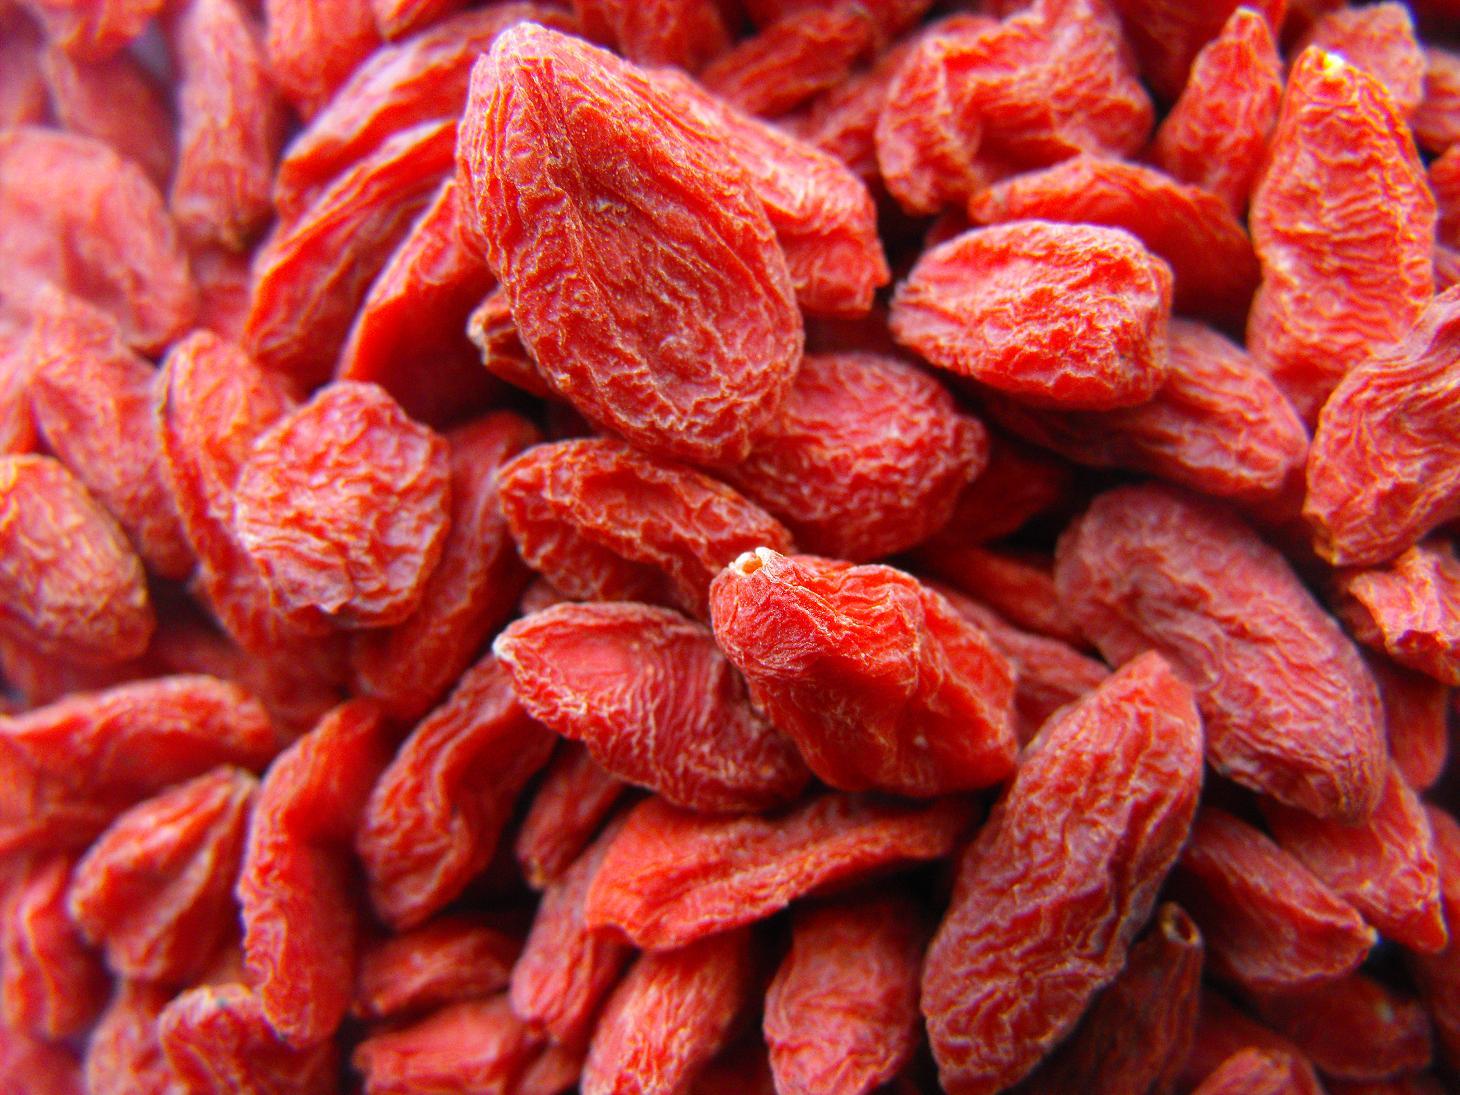 ягоды годжи в сушеном виде